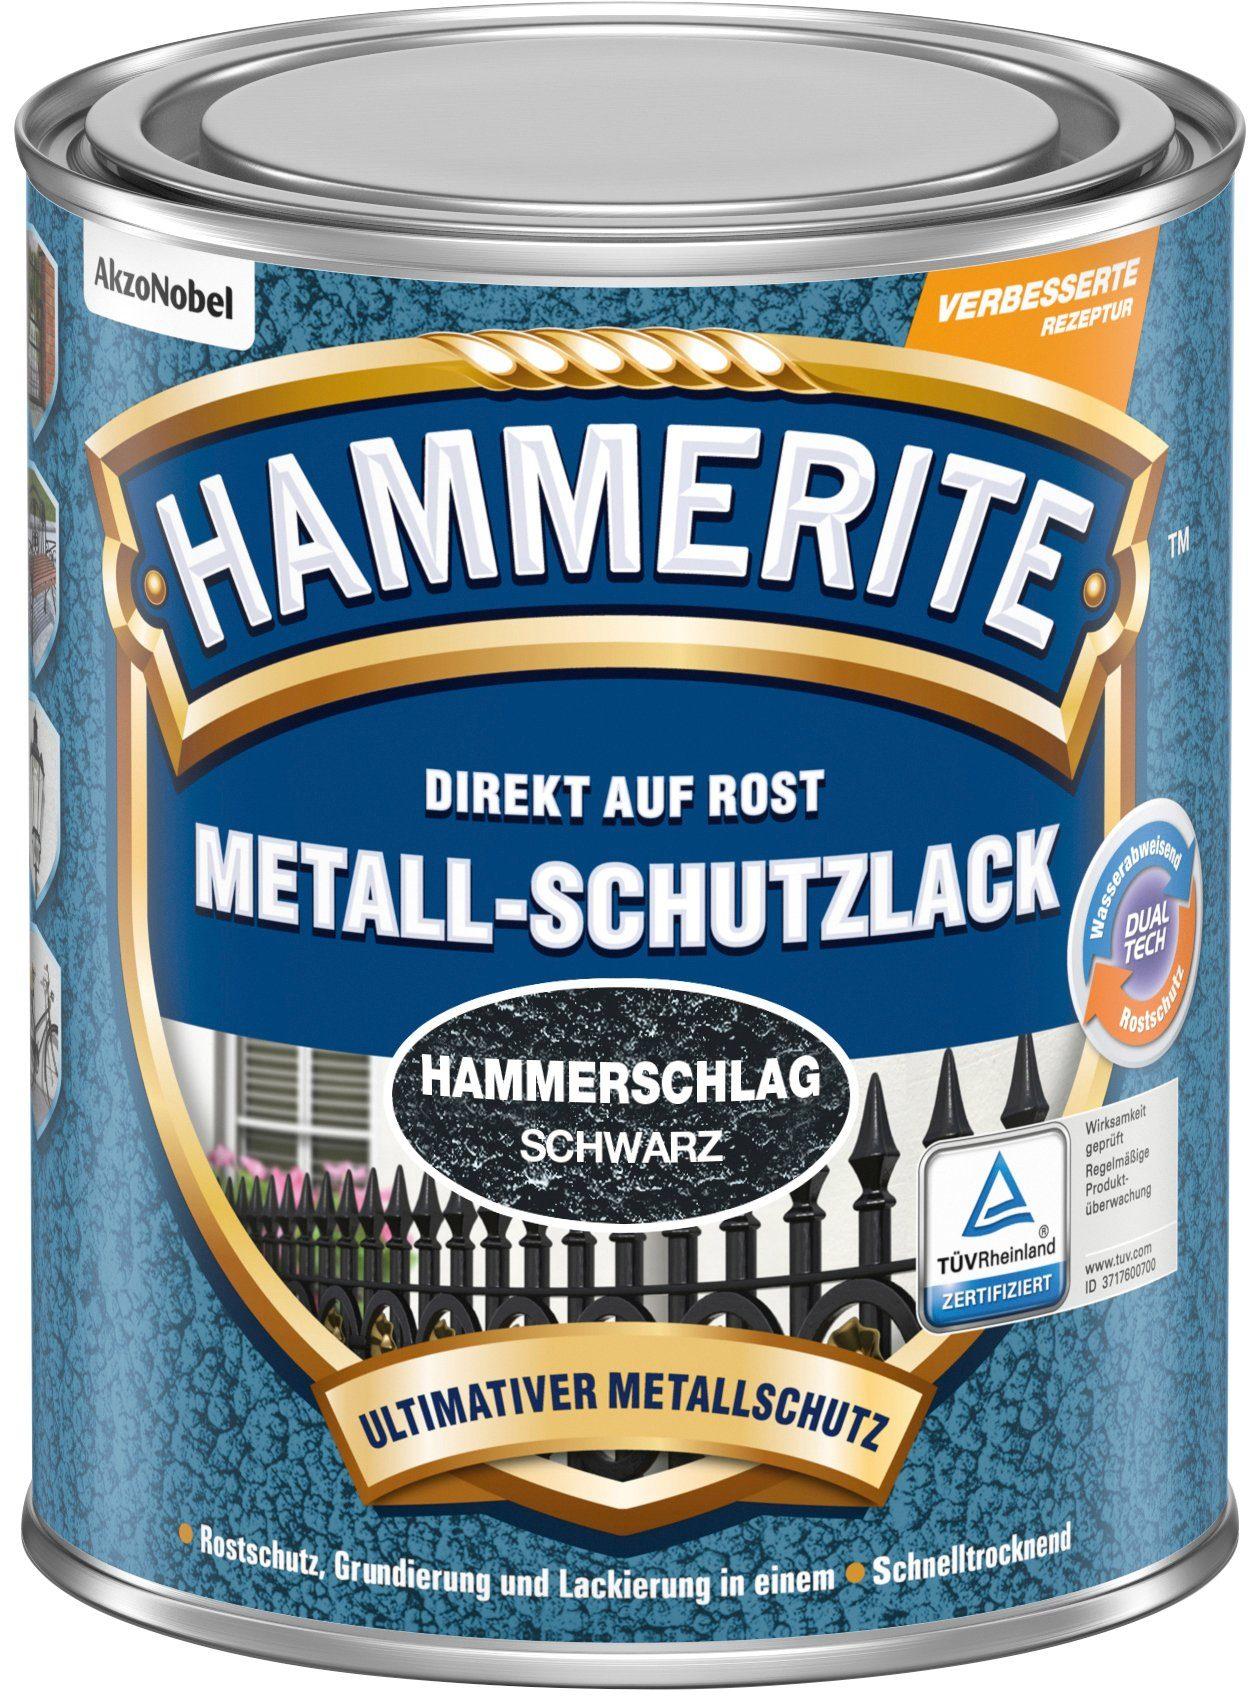 HAMMERITE Metallschutzlack »Hammerschlag«, schwarz, 0,75 Liter